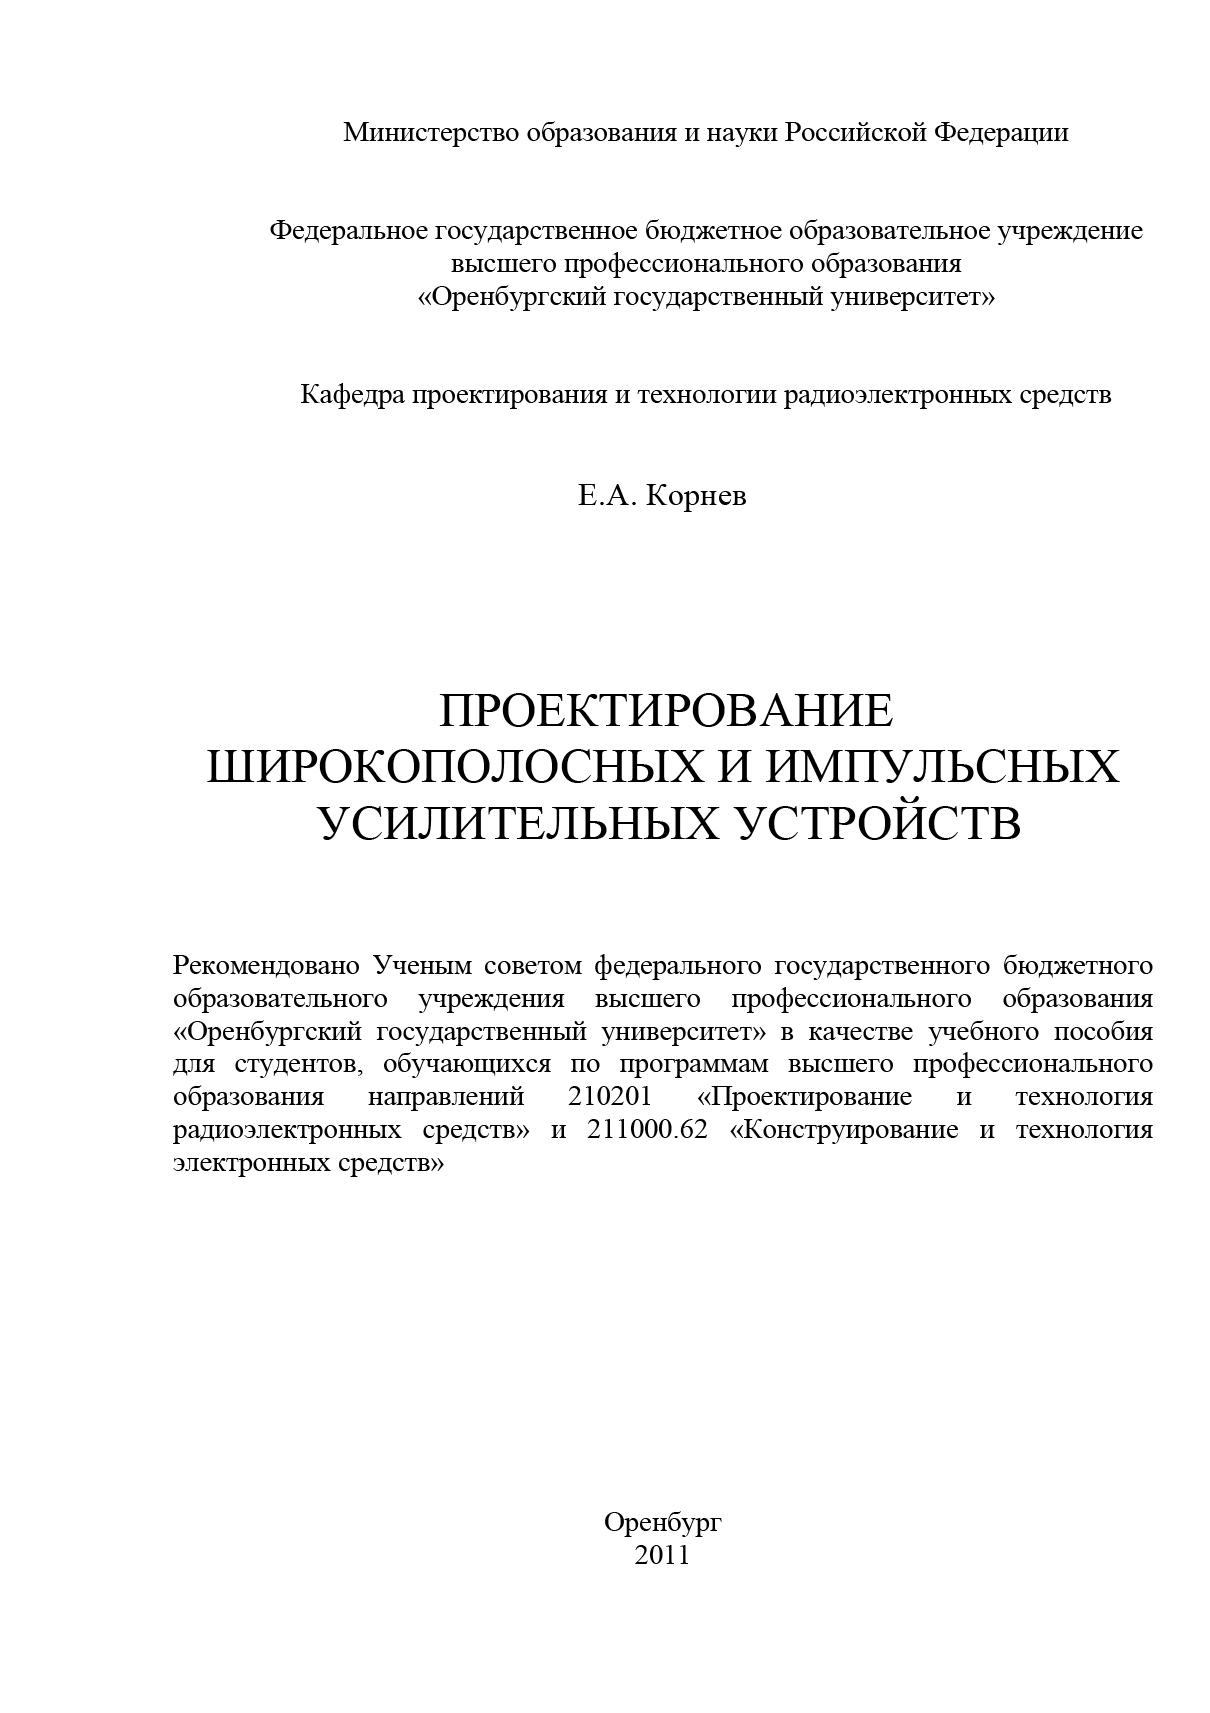 Е. Корнев Проектирование широкополосных и импульсных усилительных устройств